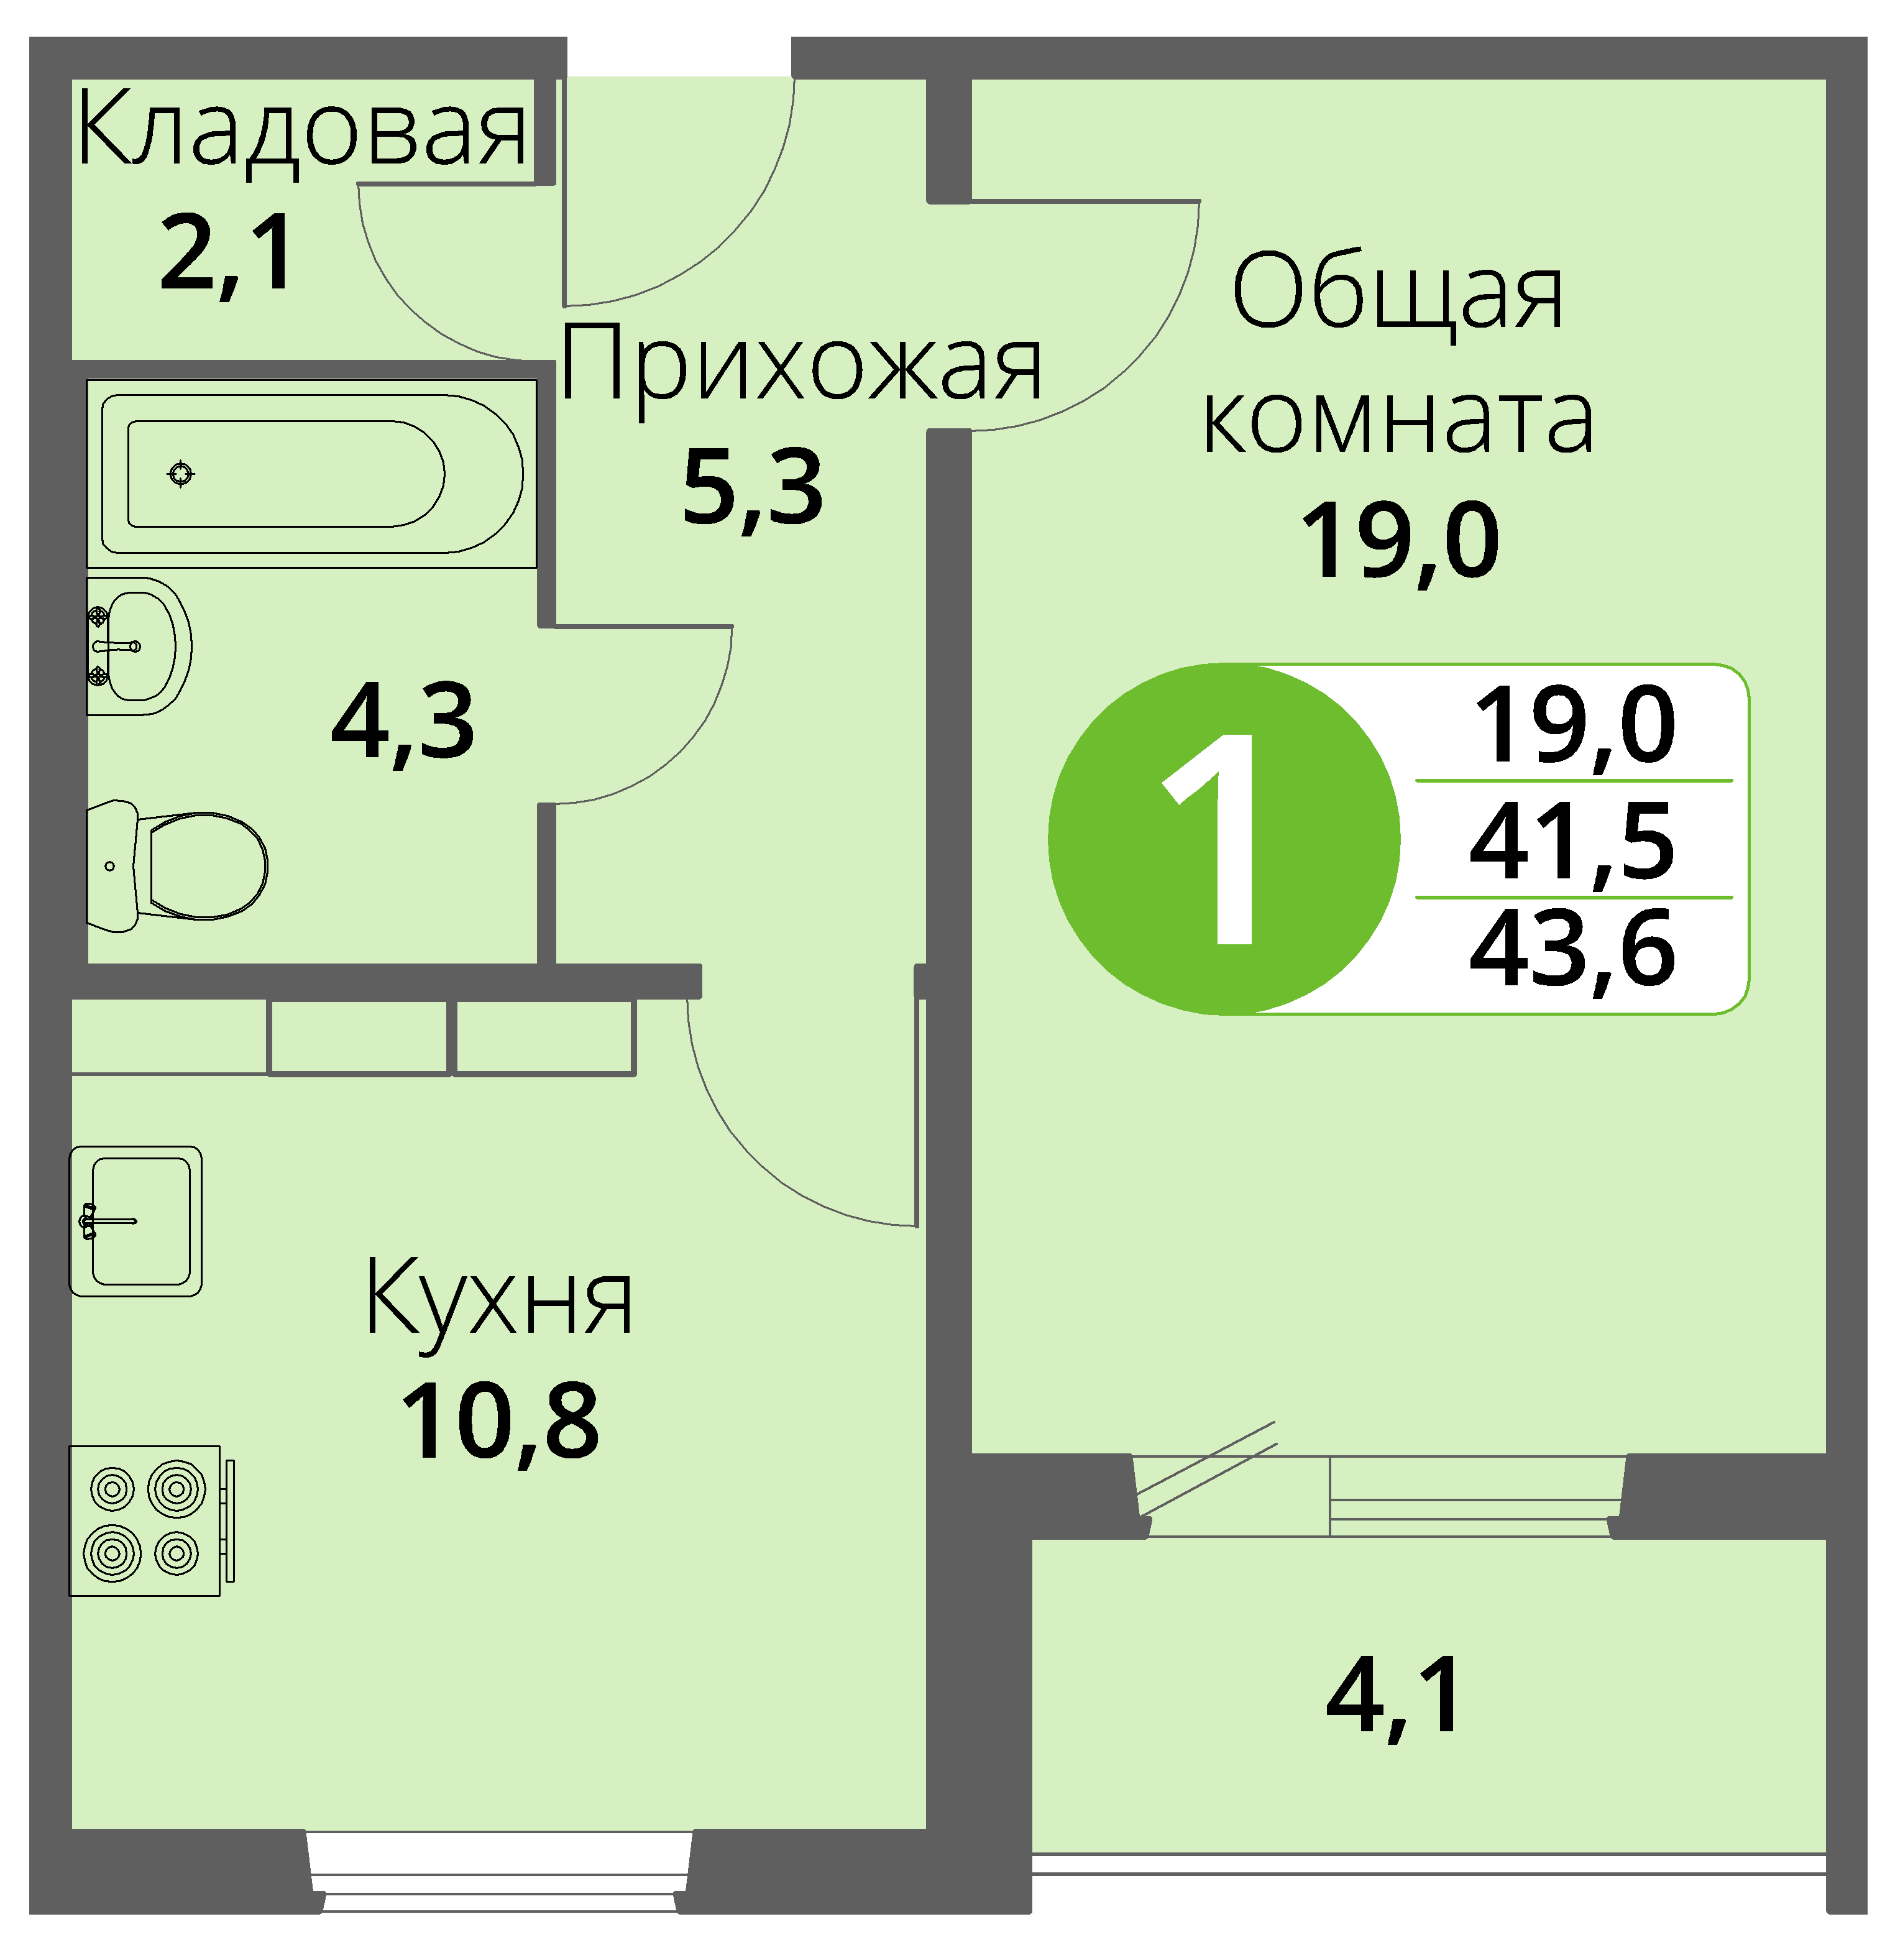 Зареченская 1-1, квартира 112 - Однокомнатная